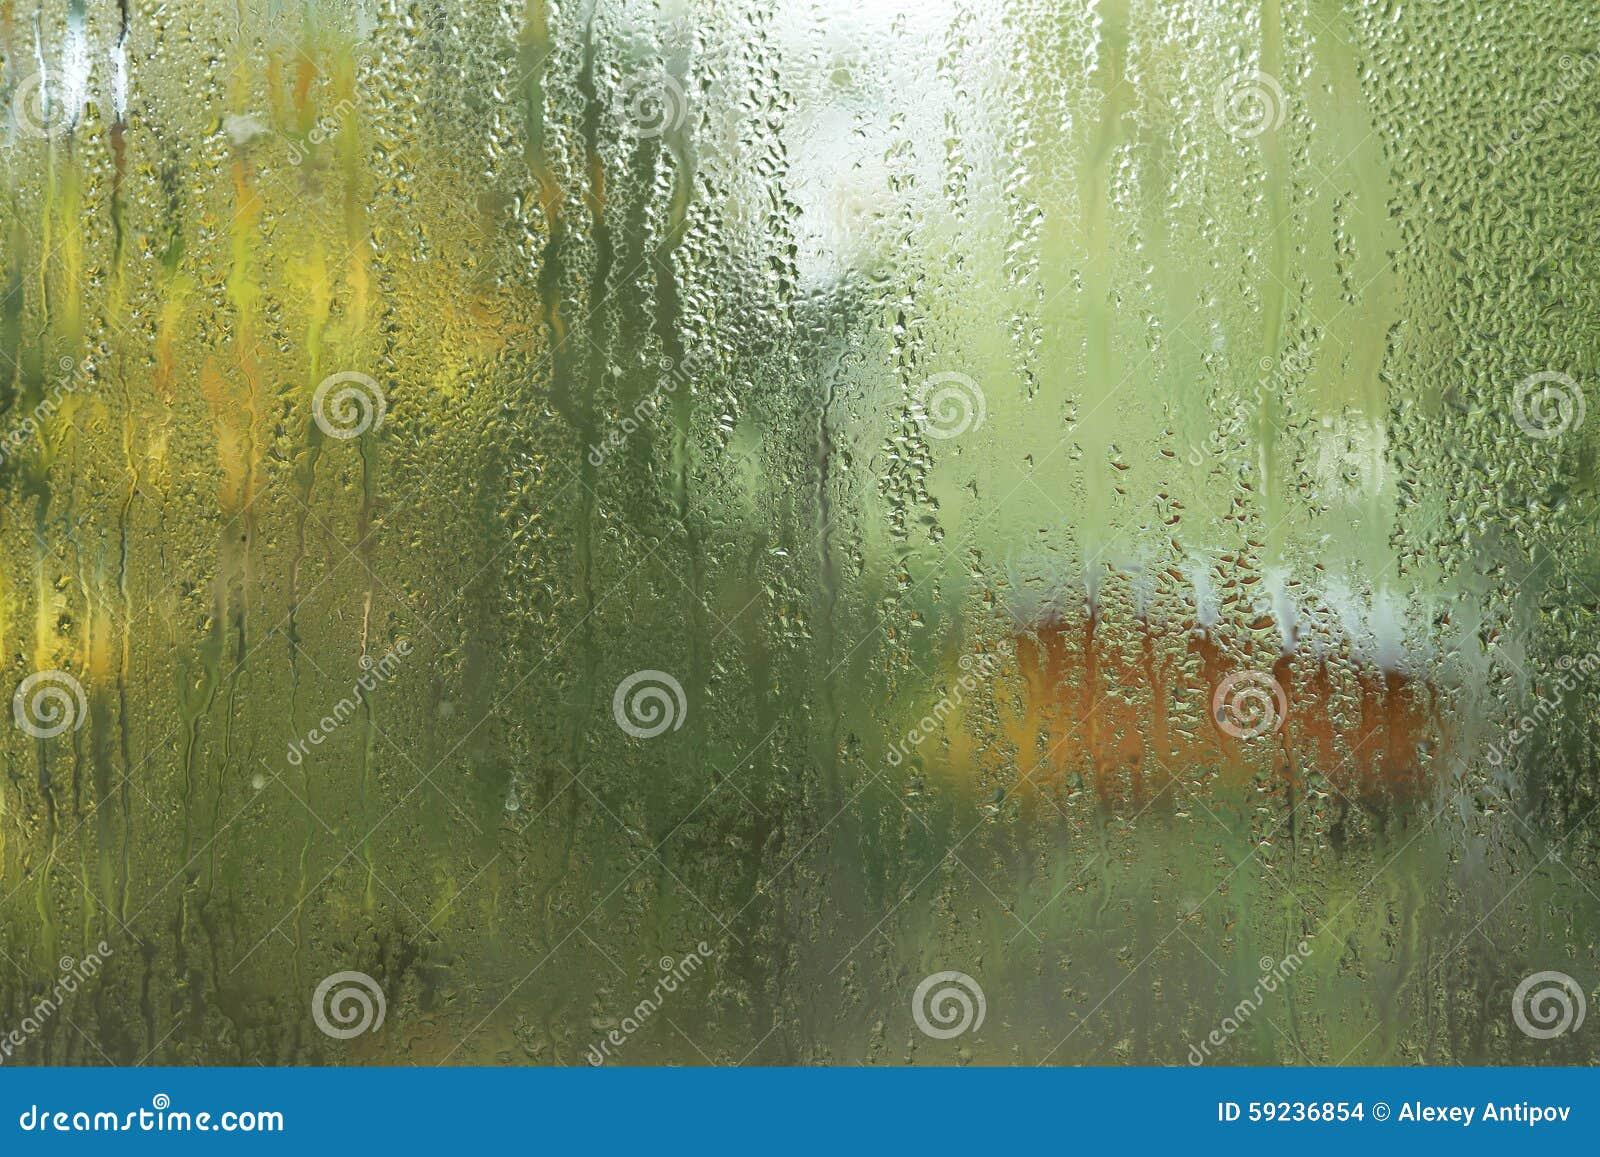 Download Descensos De La Agua Corriente En La Ventana De Cristal Foto de archivo - Imagen de lluvioso, color: 59236854